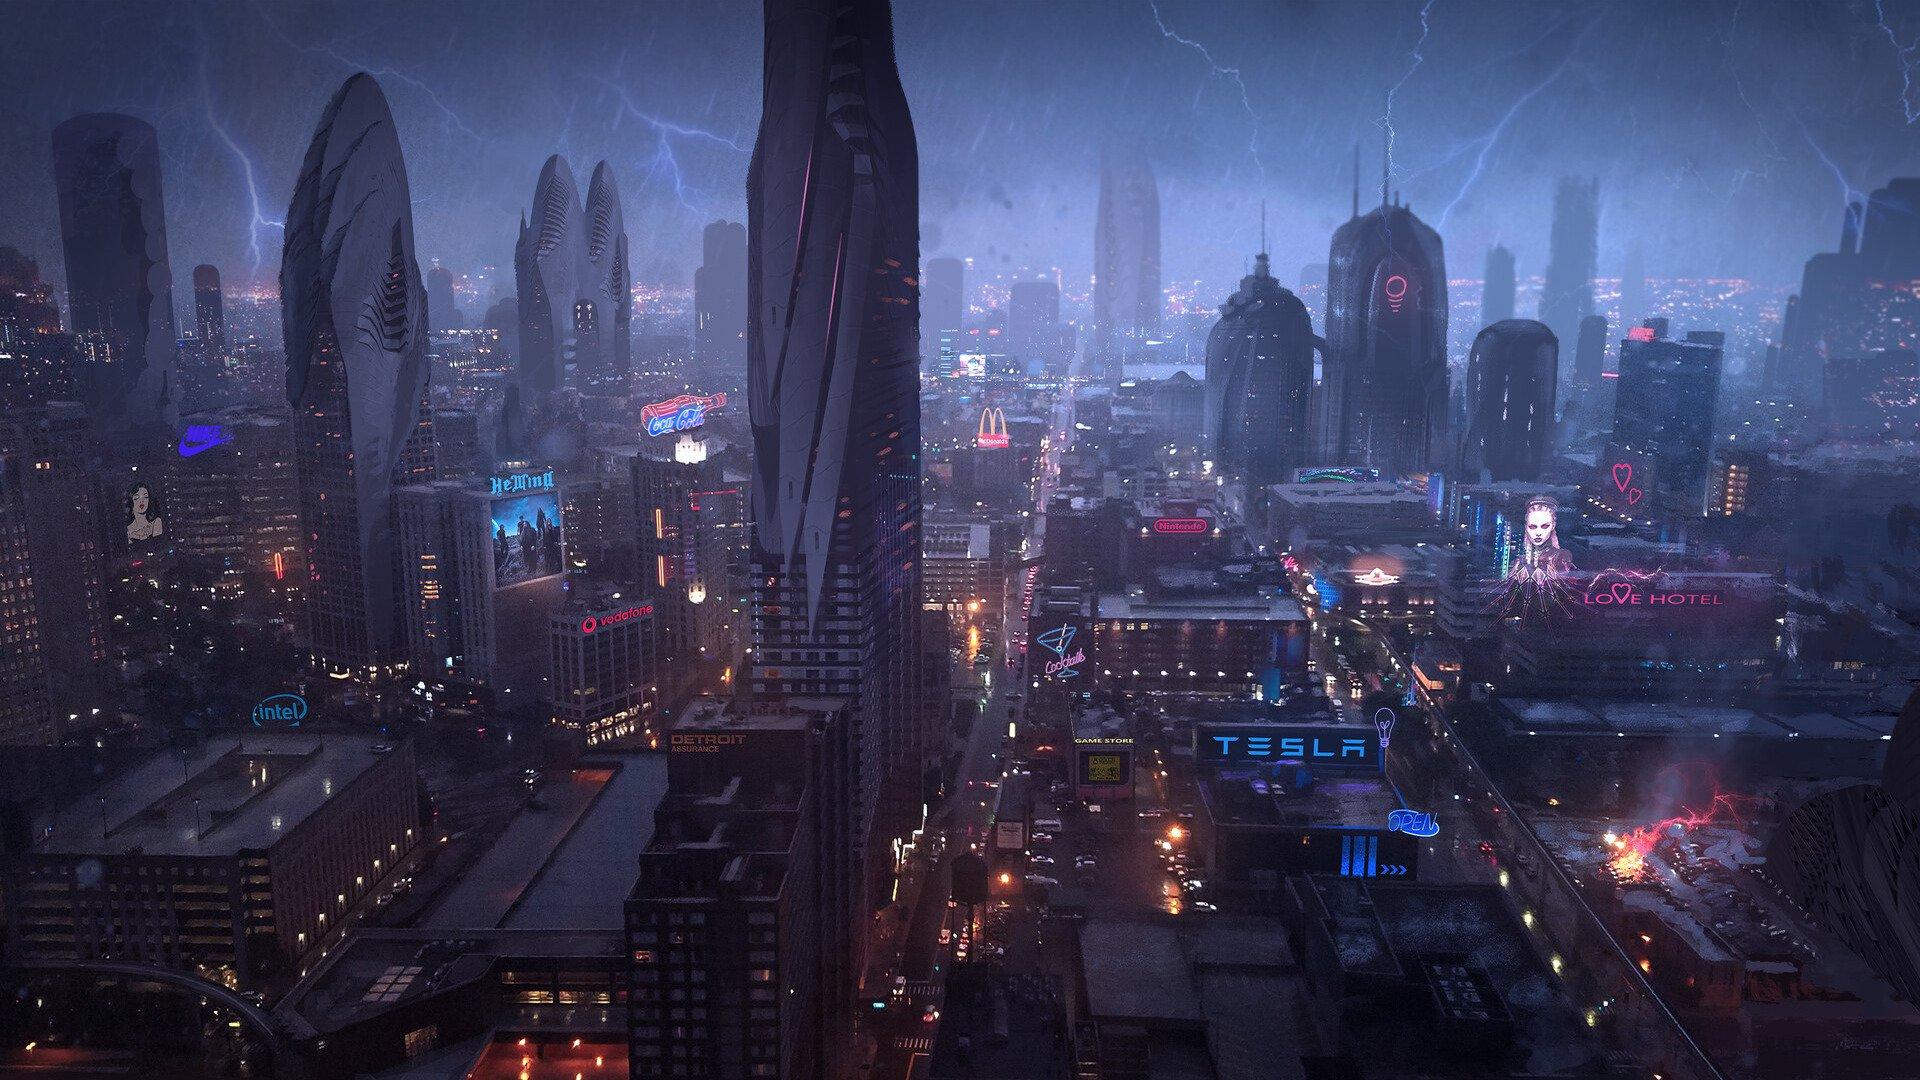 炫酷城市未来 特斯拉 动漫壁纸,高清桌面电脑动漫壁纸-SSAMAO-图片资源网